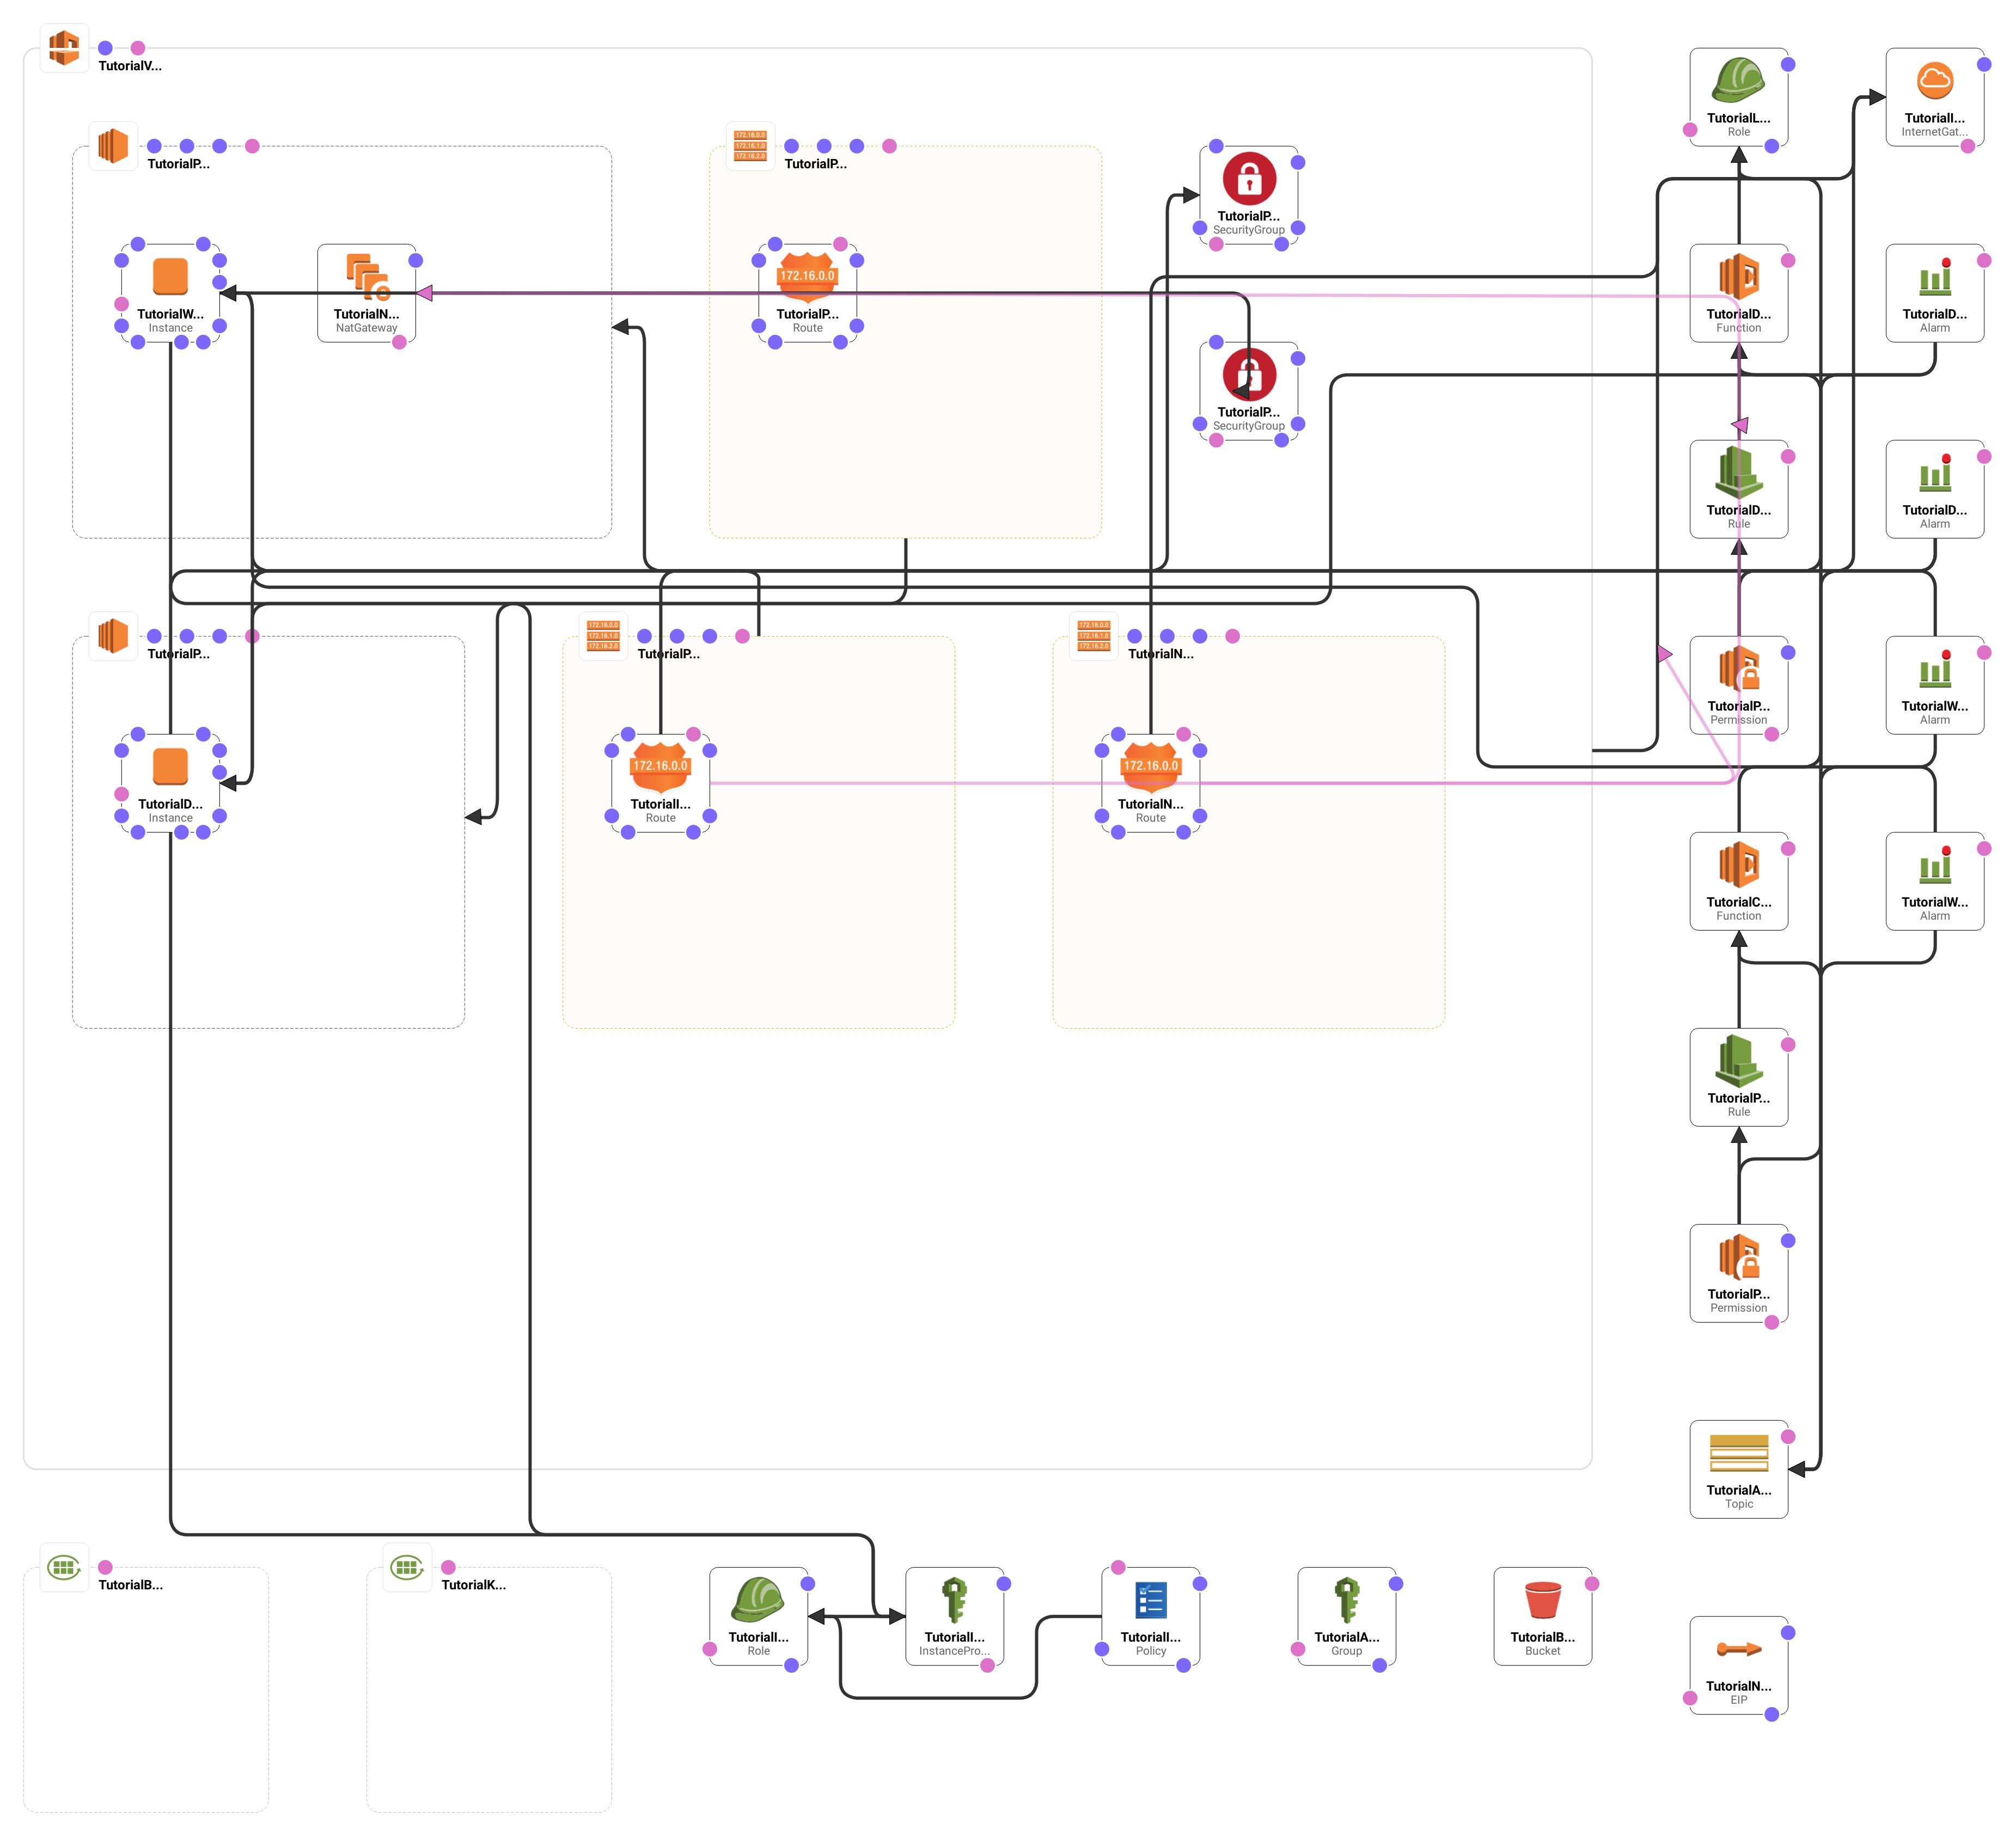 CloudFormation Diagram